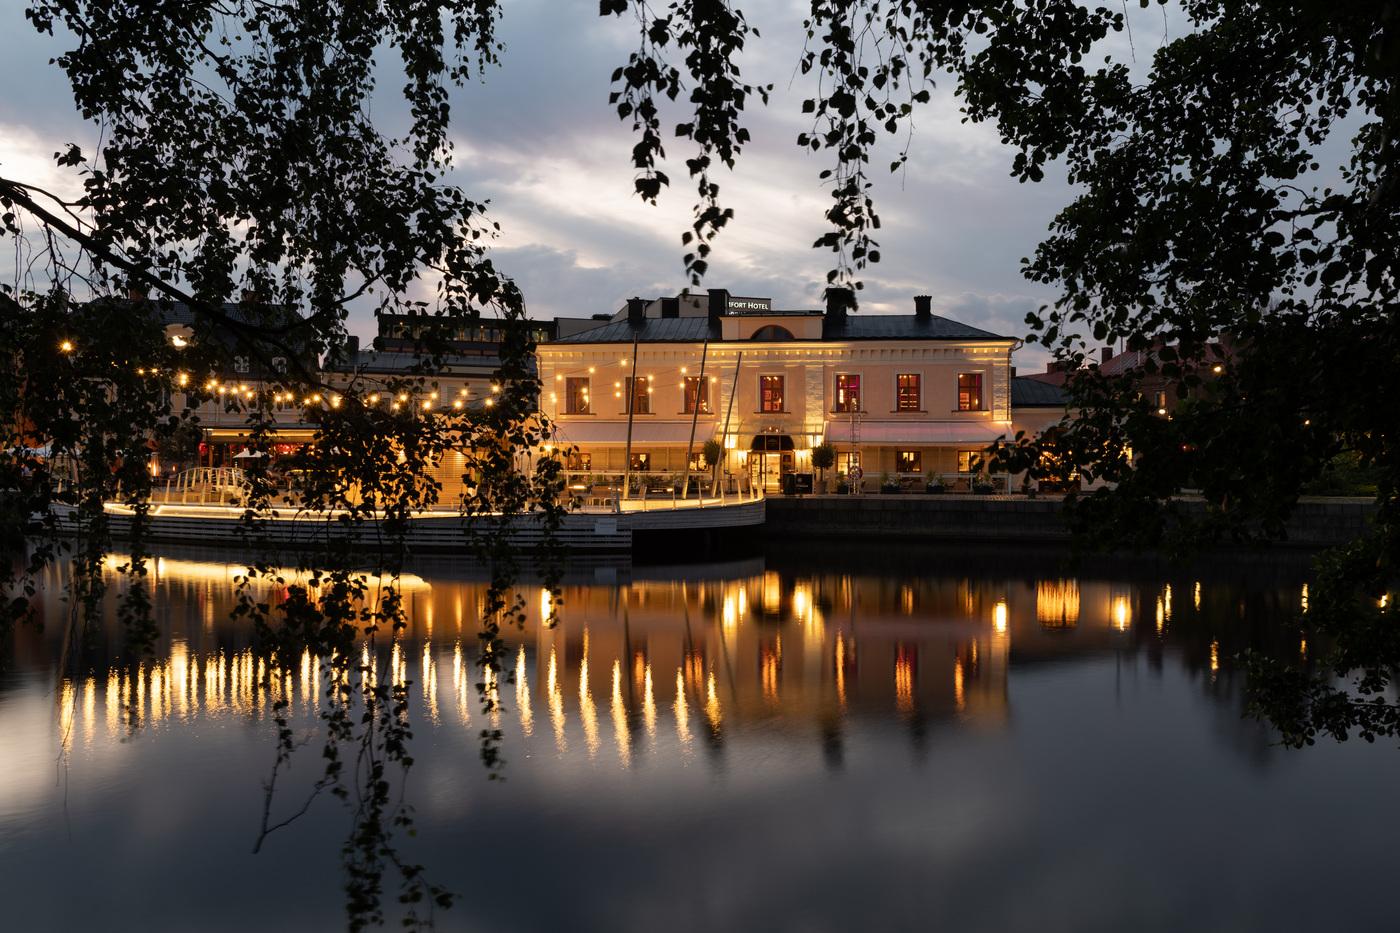 Lasse Olsson - Tullhuset - Norrköping